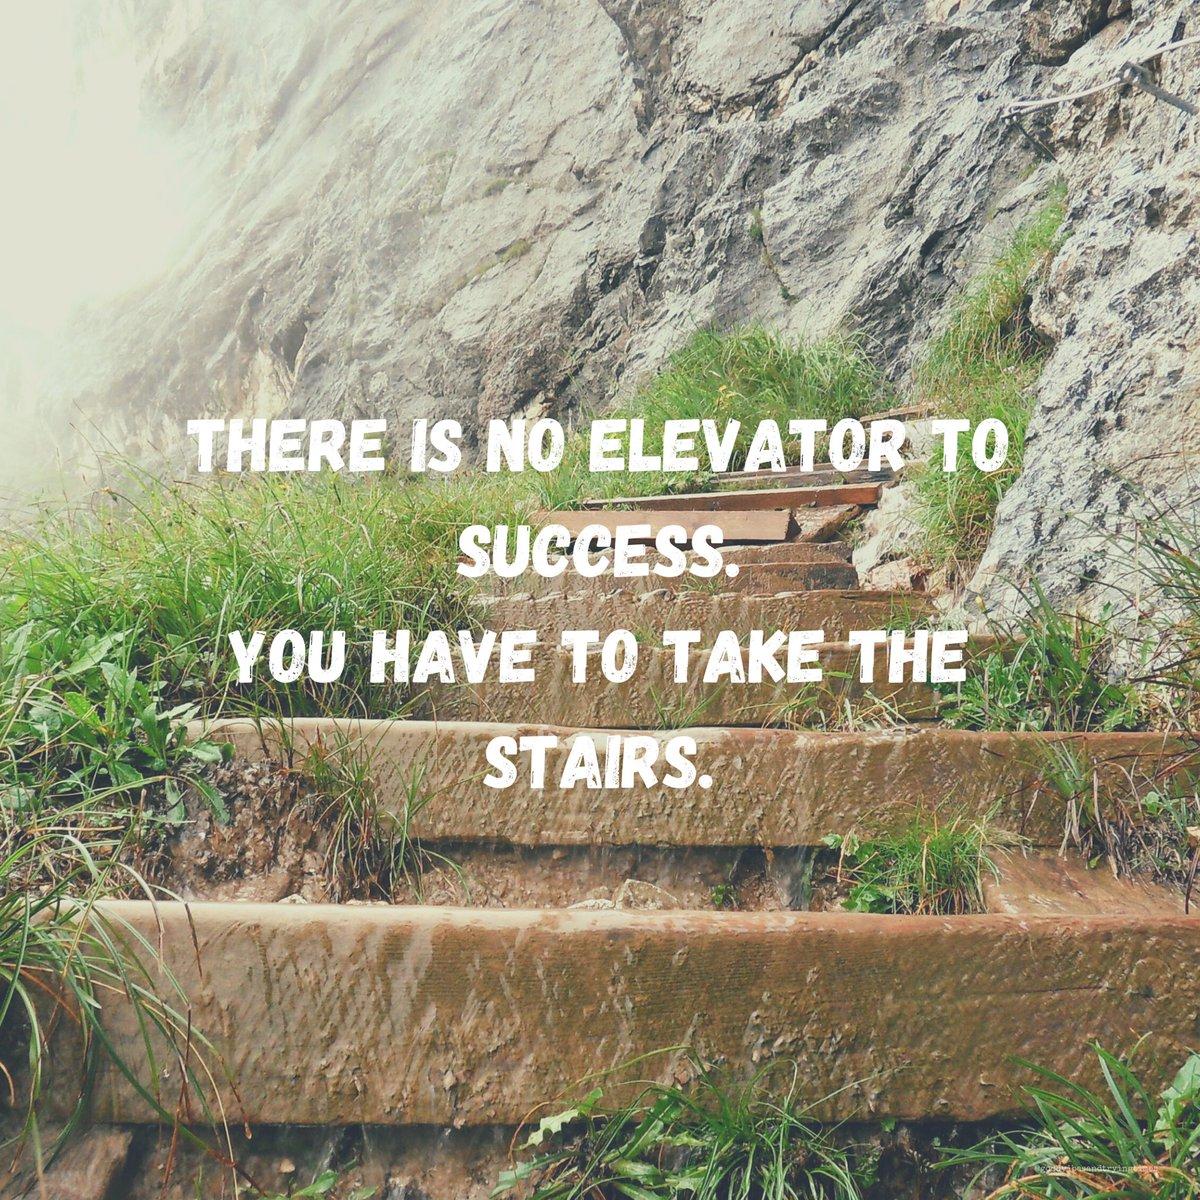 #SundayFeeling : There is no elevator to success. You have to take the stairs.  #SundayThoughts  #SundayMotivation  #SundayVibes  #SundayMood  #Positivity  #GoodVibesandTryingTimes